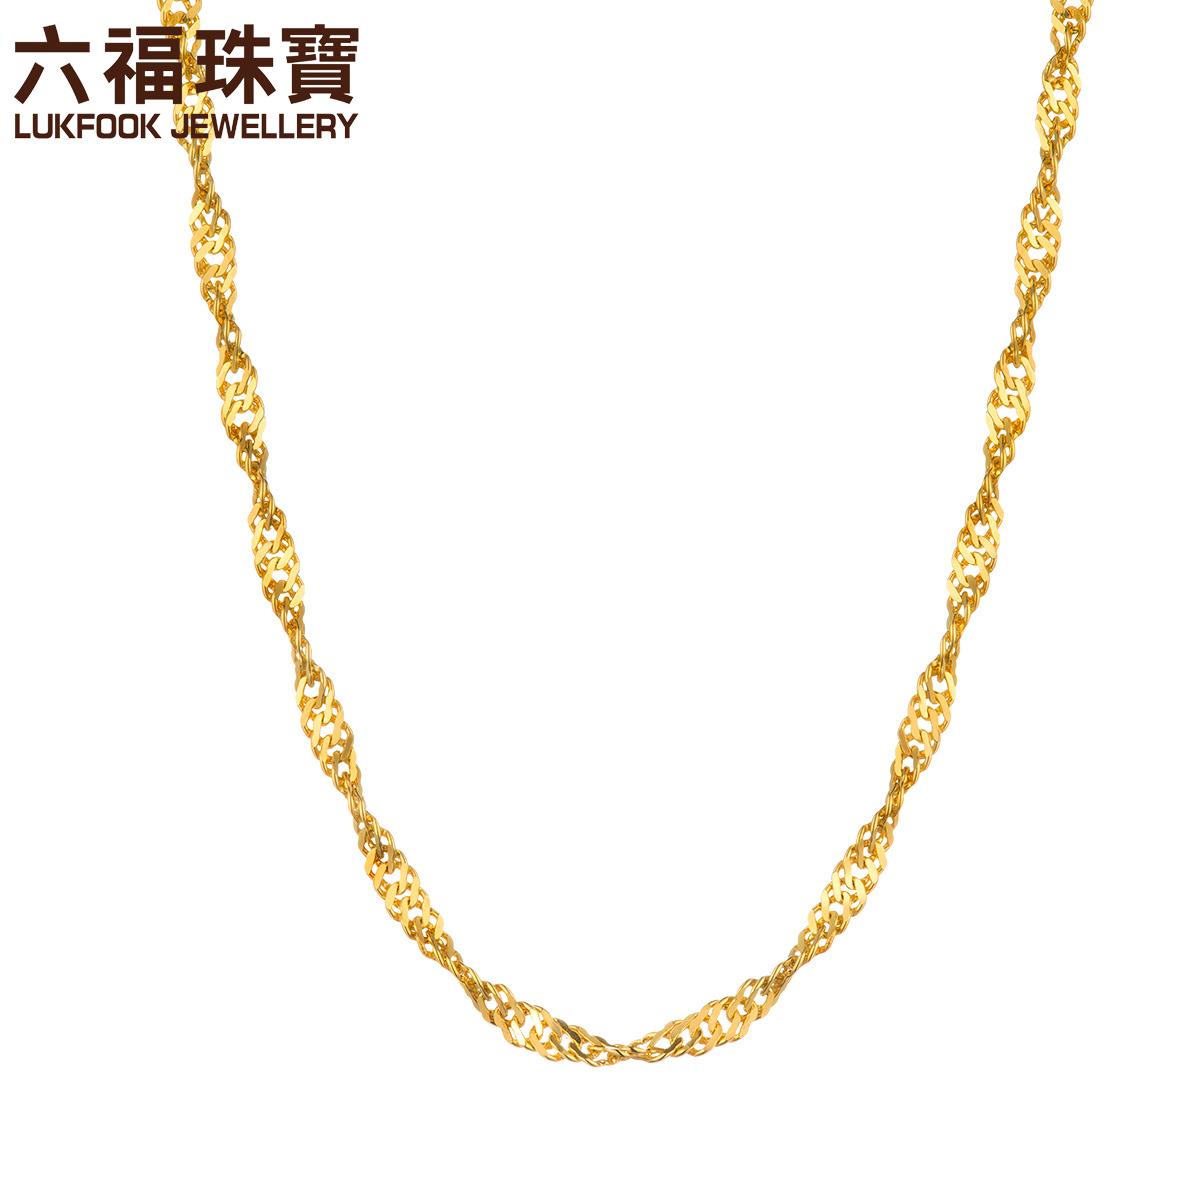 六福珠宝黄金项链女款百搭水波纹足金项链金链计价B01TBGN0001